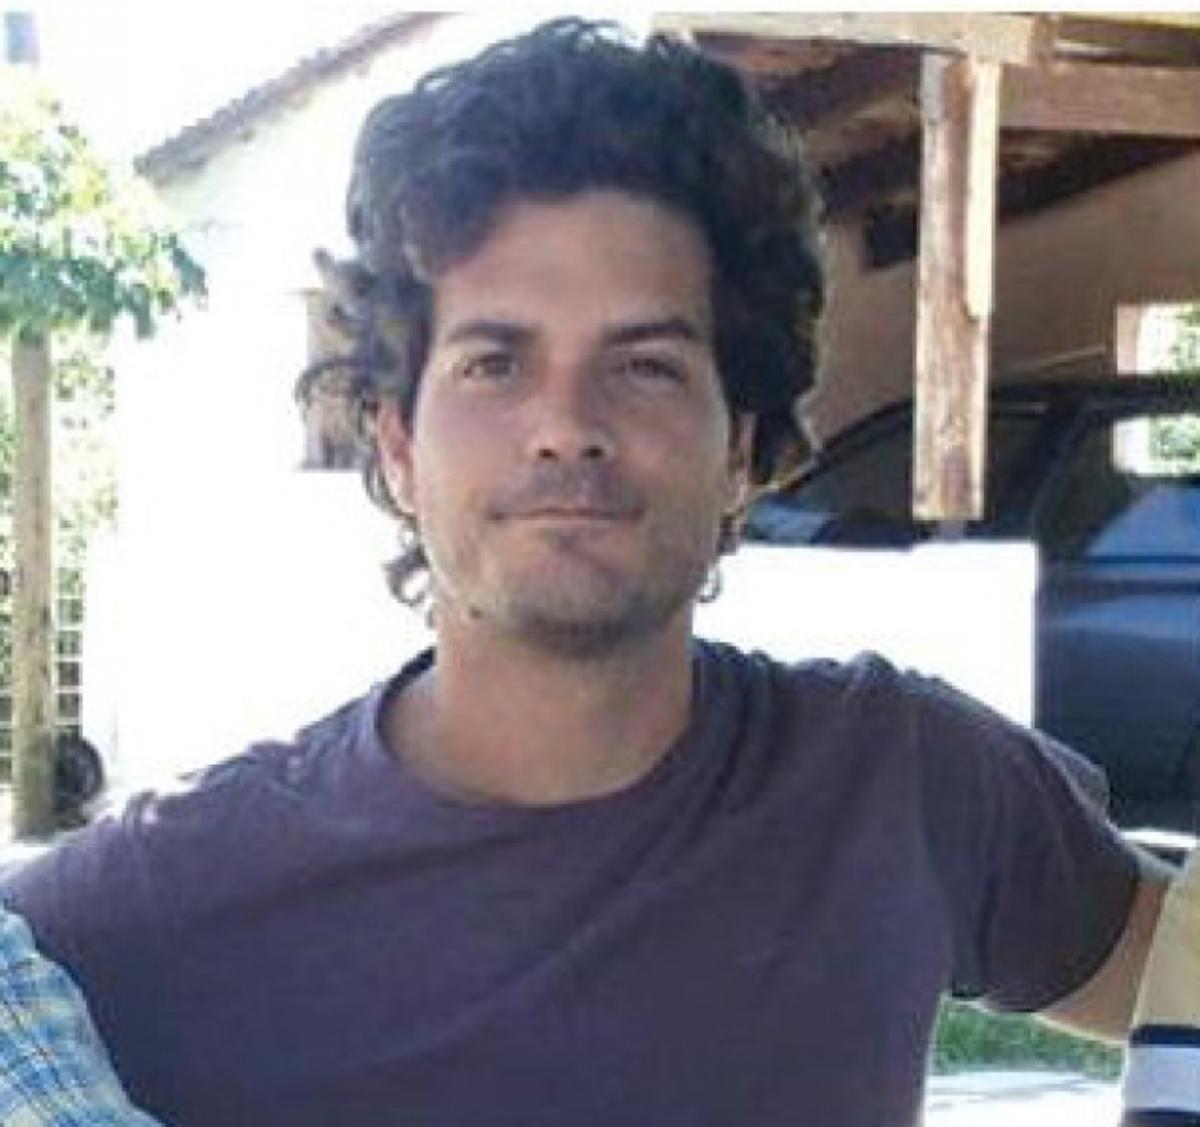 Πάτρα: Αυτός είναι ο Έλληνας που εκτελέστηκε στη Νιγηρία από ισλαμιστές αντάρτες! | Newsit.gr